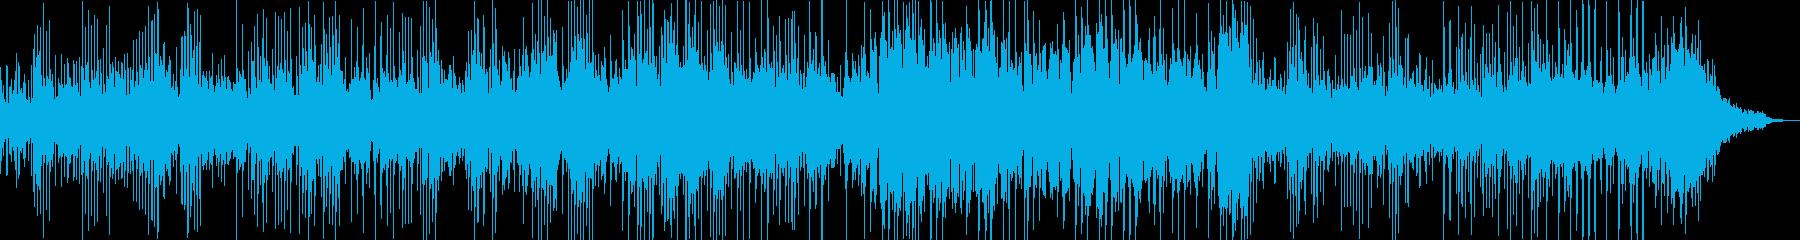 きらきらした音でファンタジックなかわいさの再生済みの波形